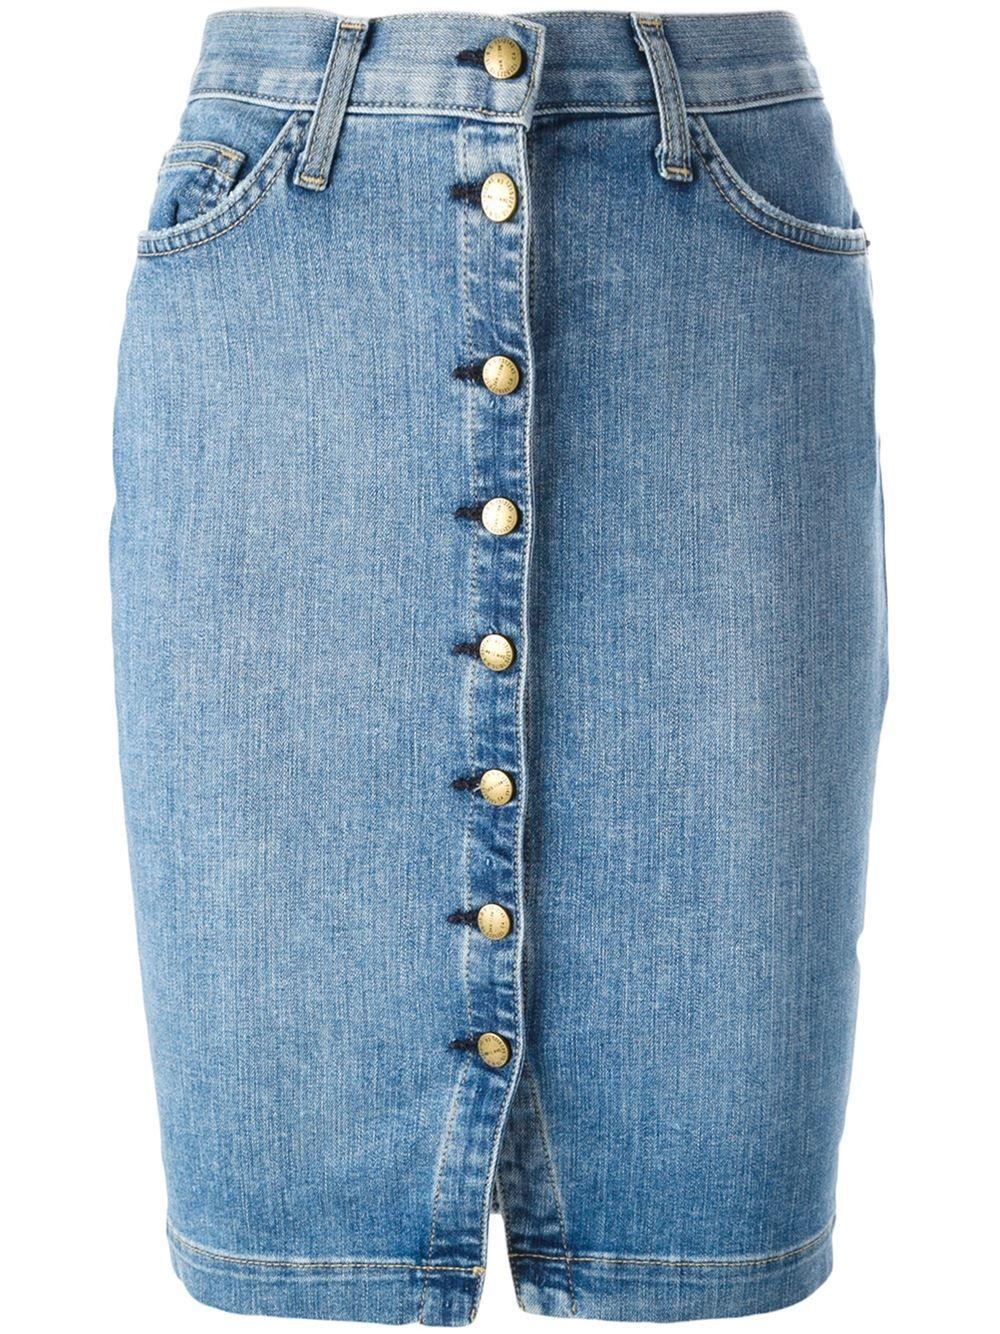 Current/elliott Buttoned Denim Skirt - Lillas Fashion - Farfetch.com